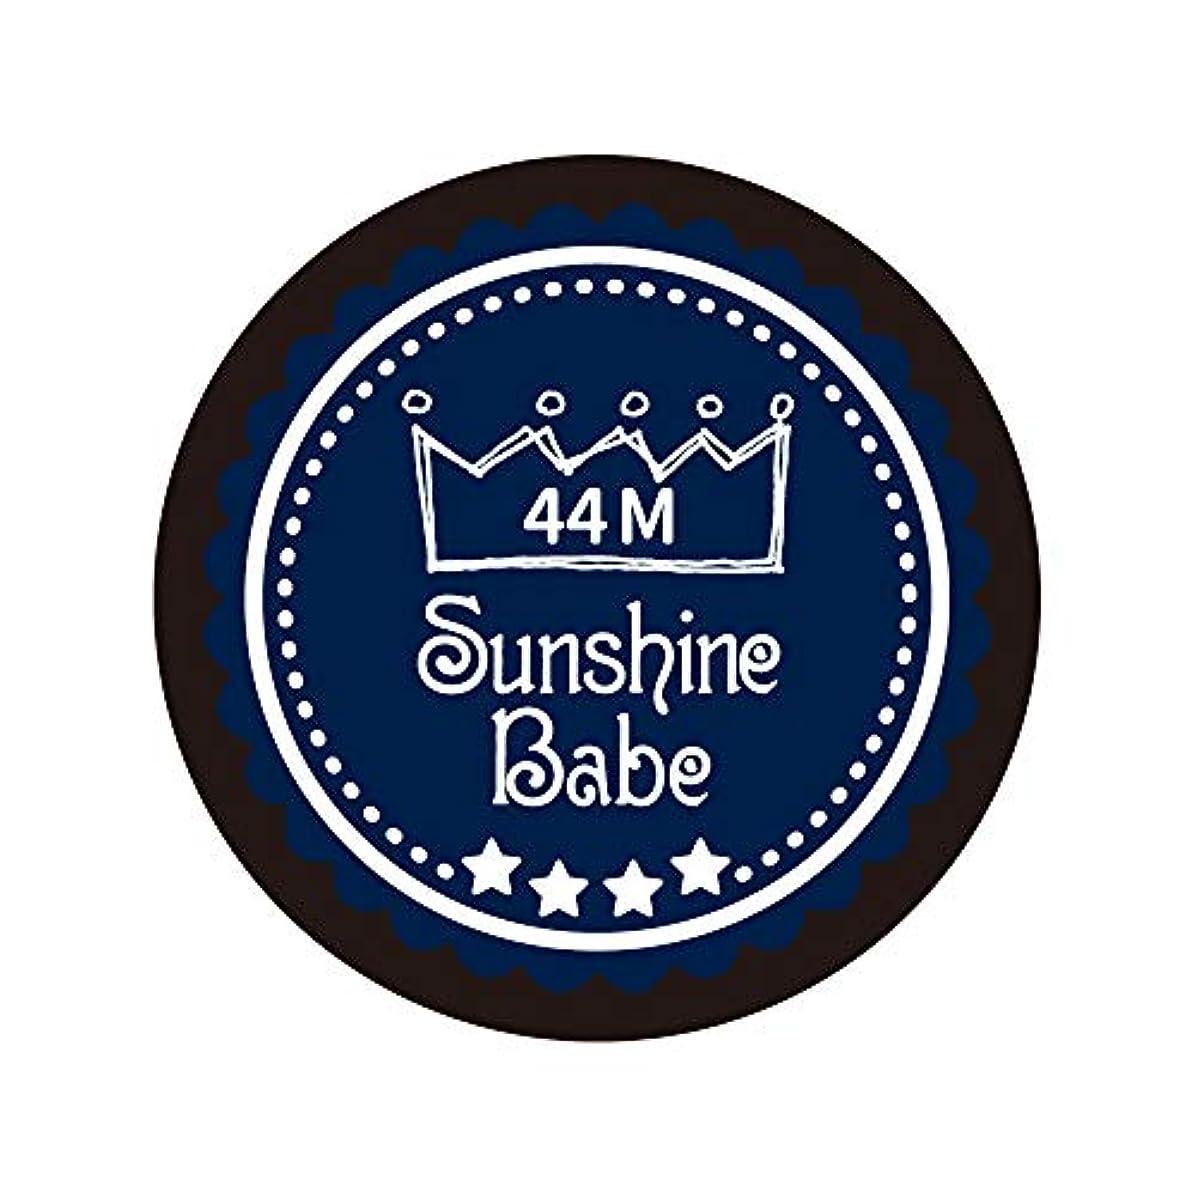 彫る感じる話Sunshine Babe カラージェル 44M クラシックネイビー 2.7g UV/LED対応